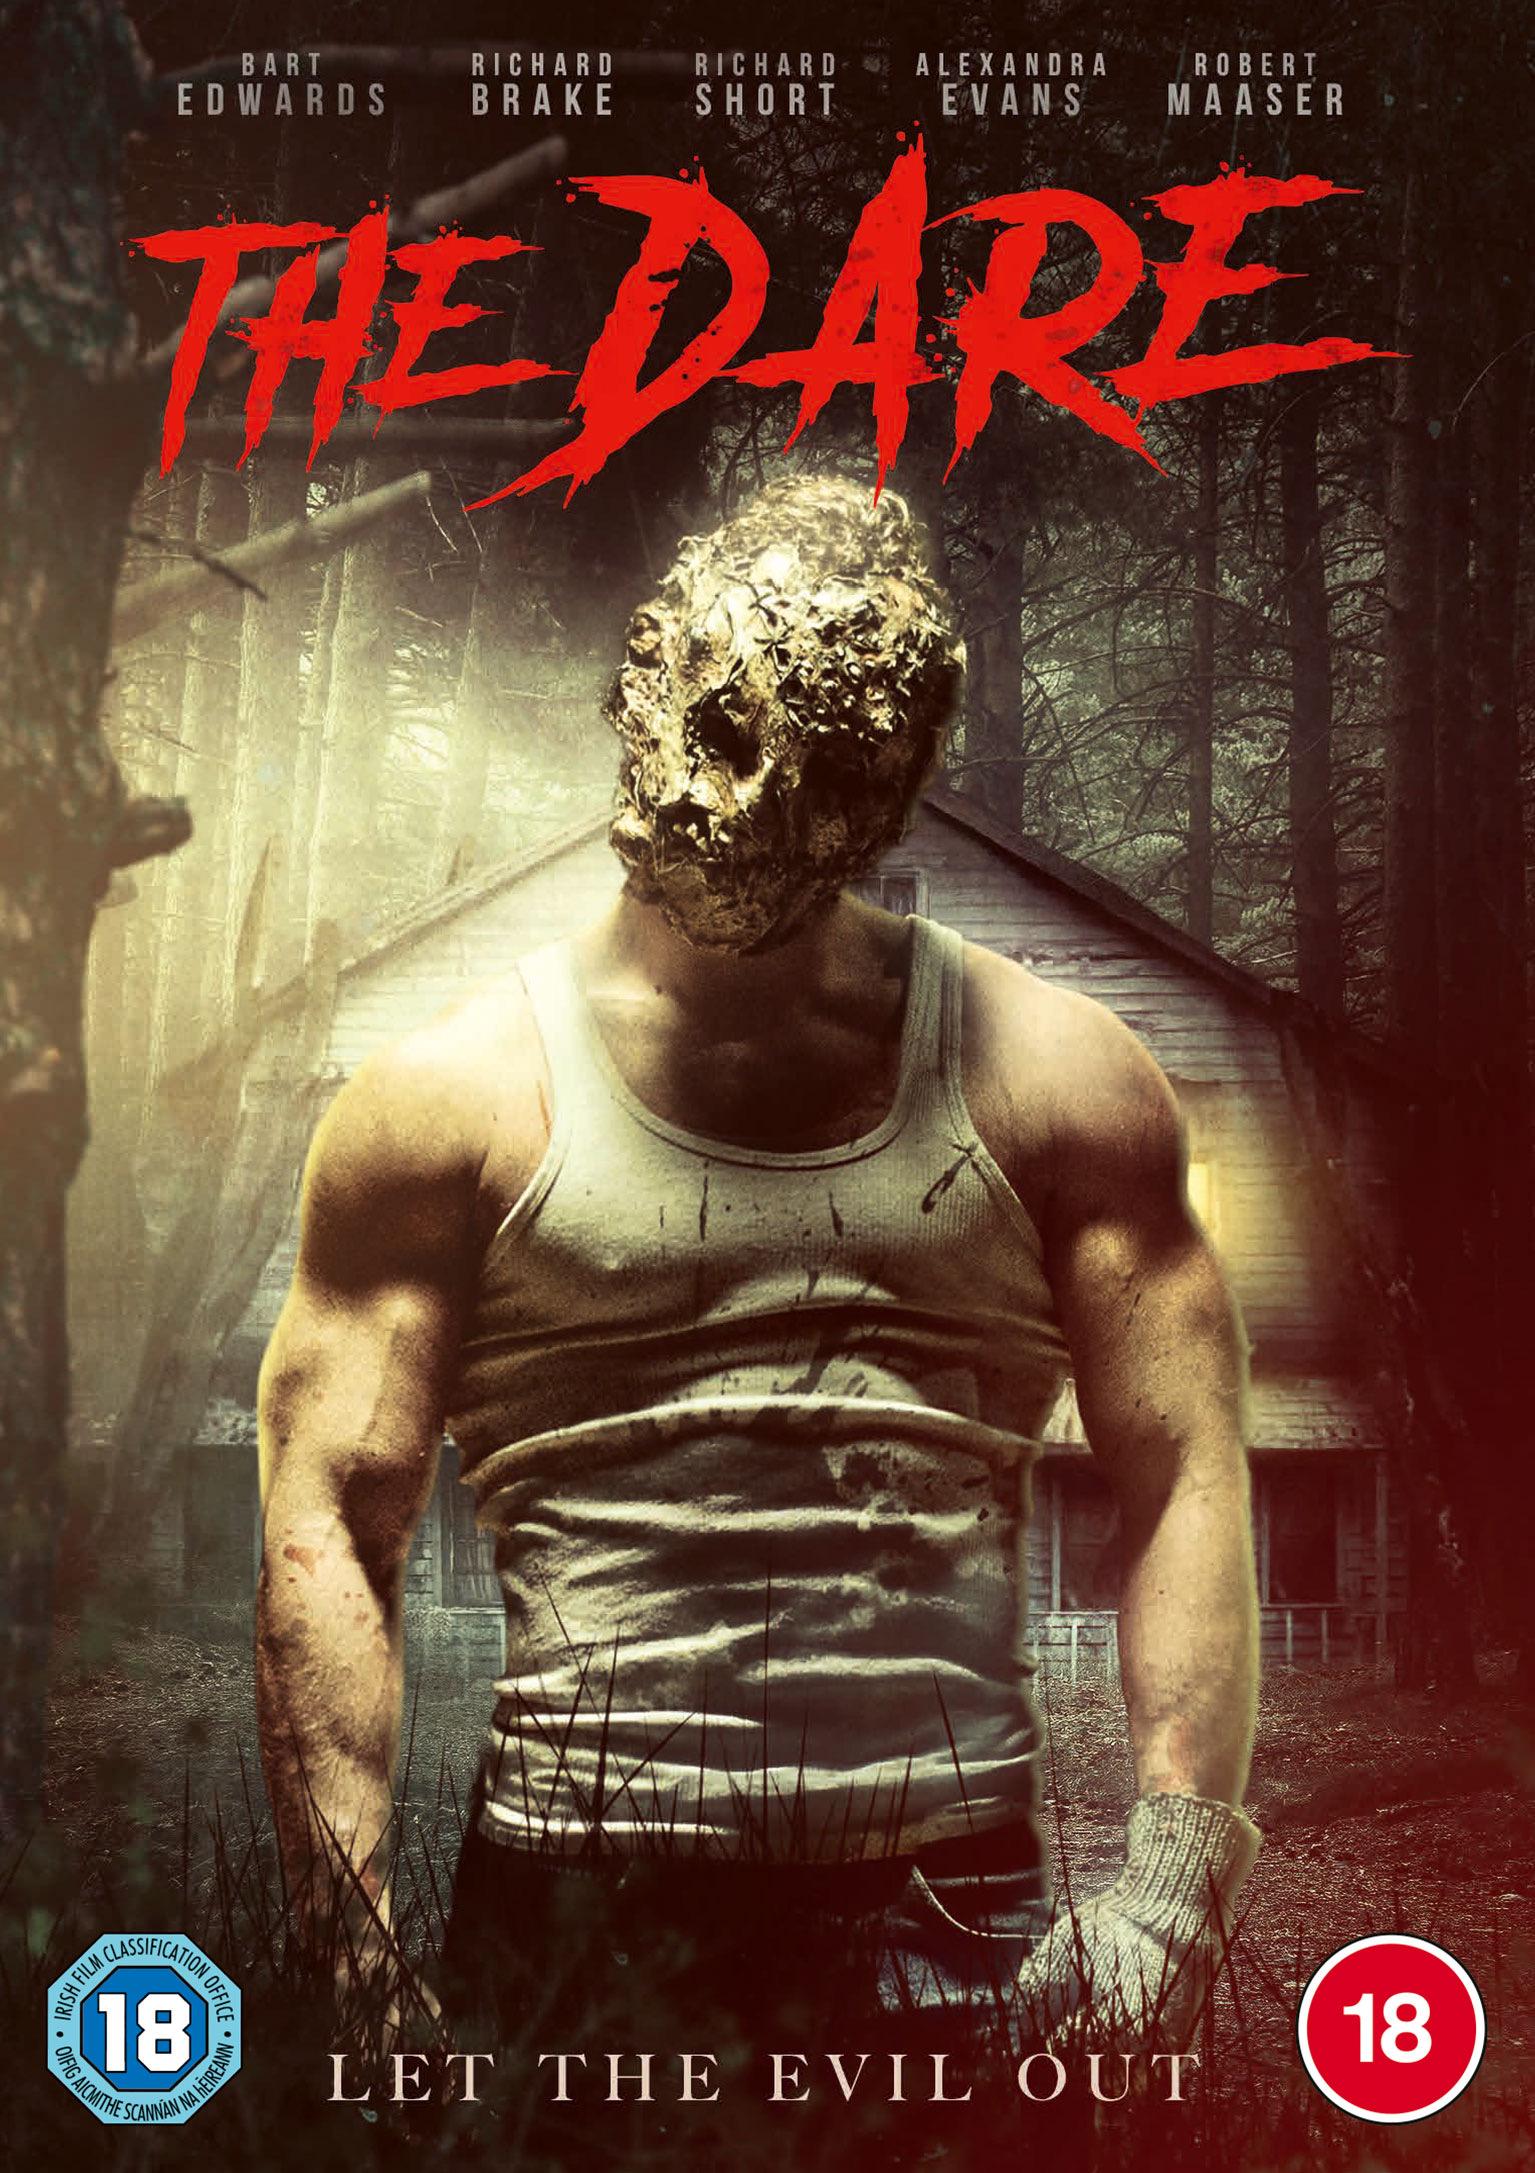 The Dare Director Giles Alderson's Top 5 Horror Movie Influences